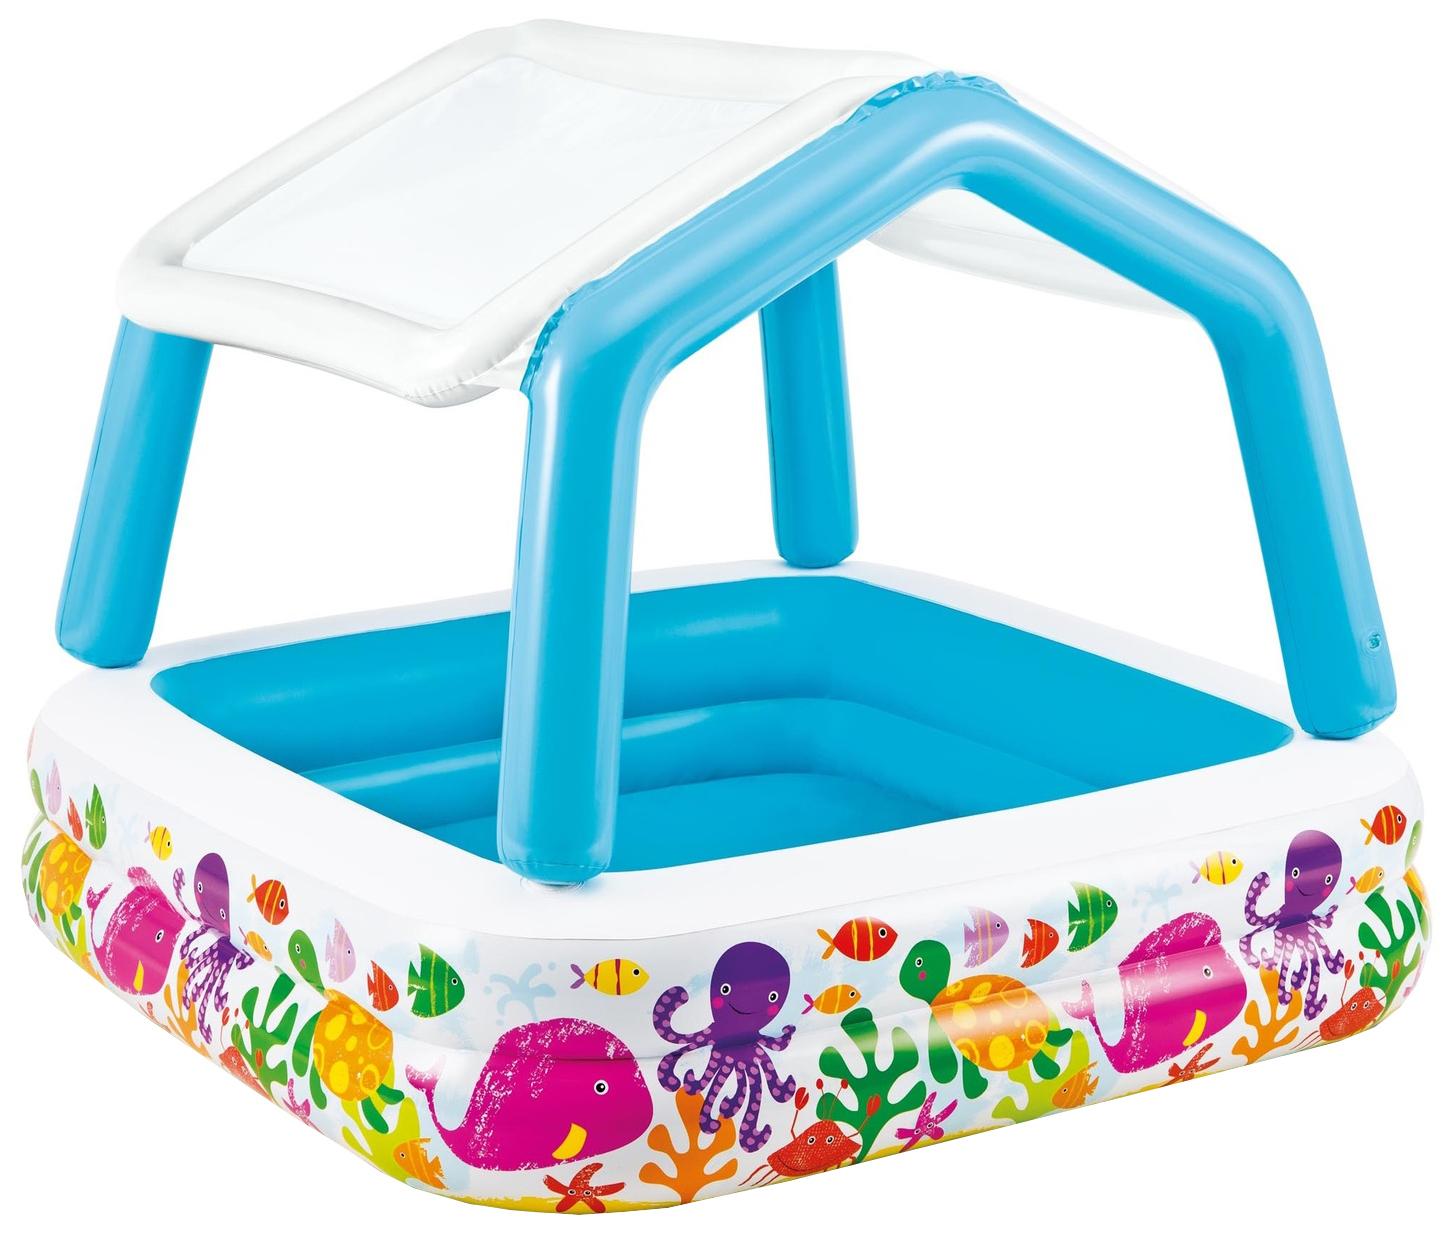 Купить Бассейн надувной INTEX Домик с навесом 157x157x122 см (57470), Детские бассейны